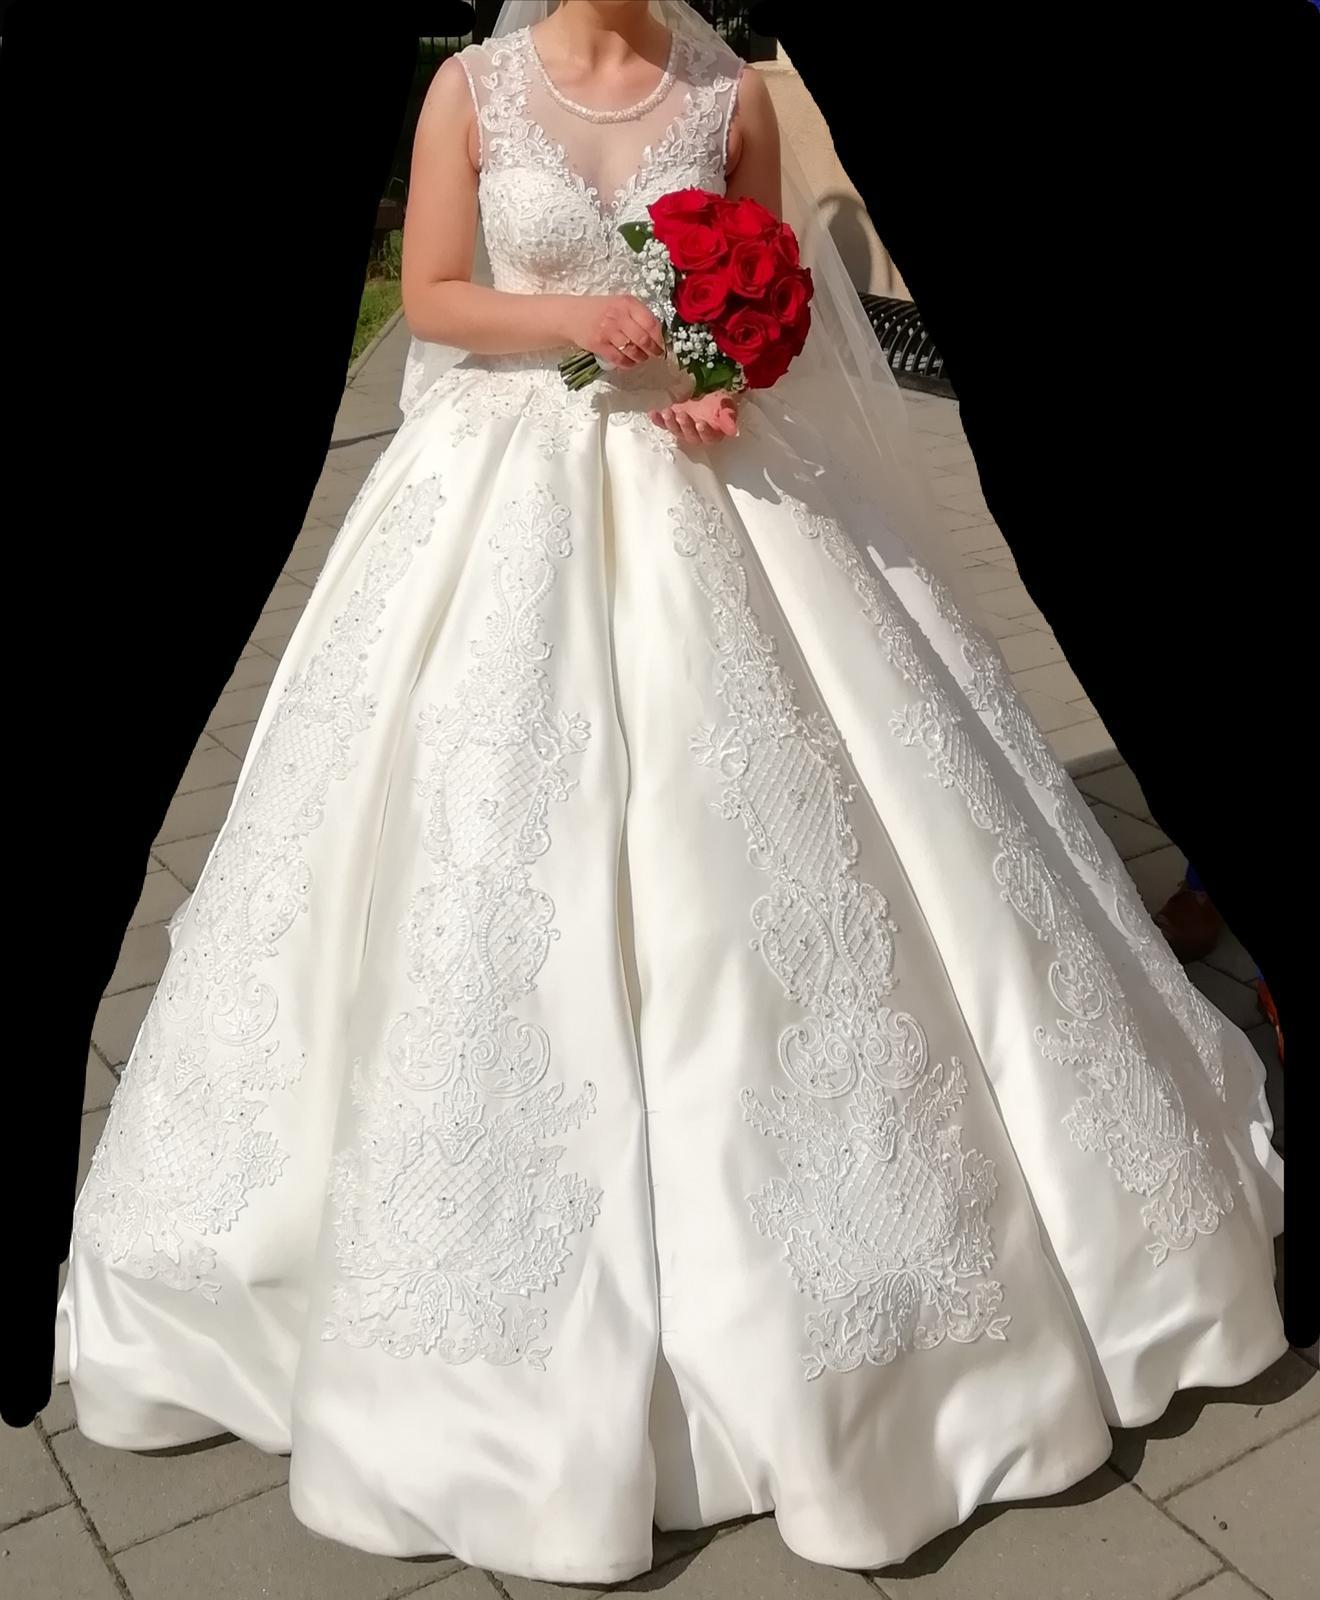 Kráľovské svadobné šaty - Obrázok č. 4